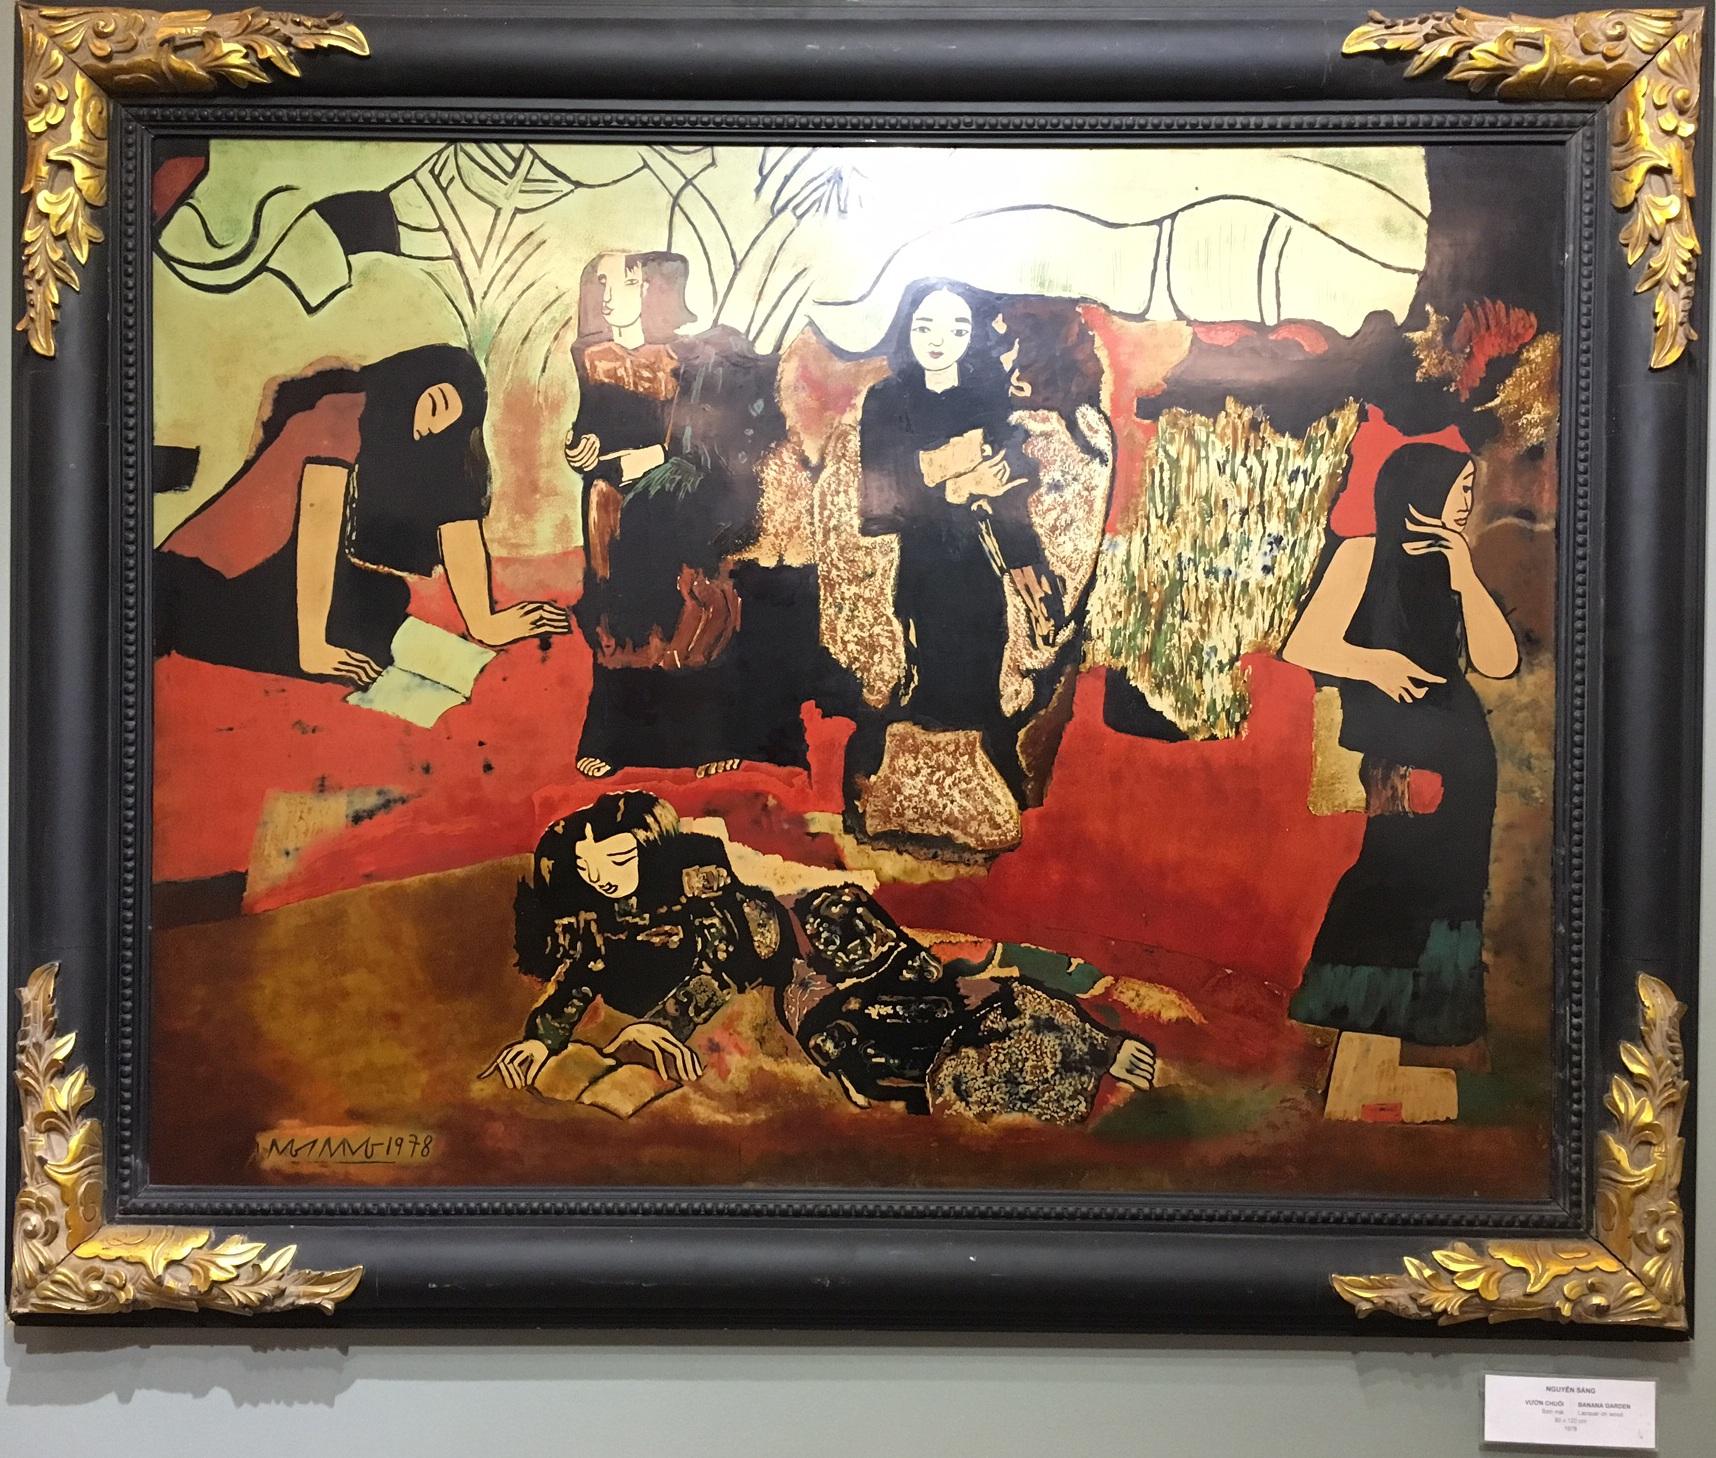 Một trong những bức tranh gây tranh cãi là tranh giả. Tác phẩm Vườn chuối (Nét duyên dáng) của họa sĩ Dương Bích Liên.